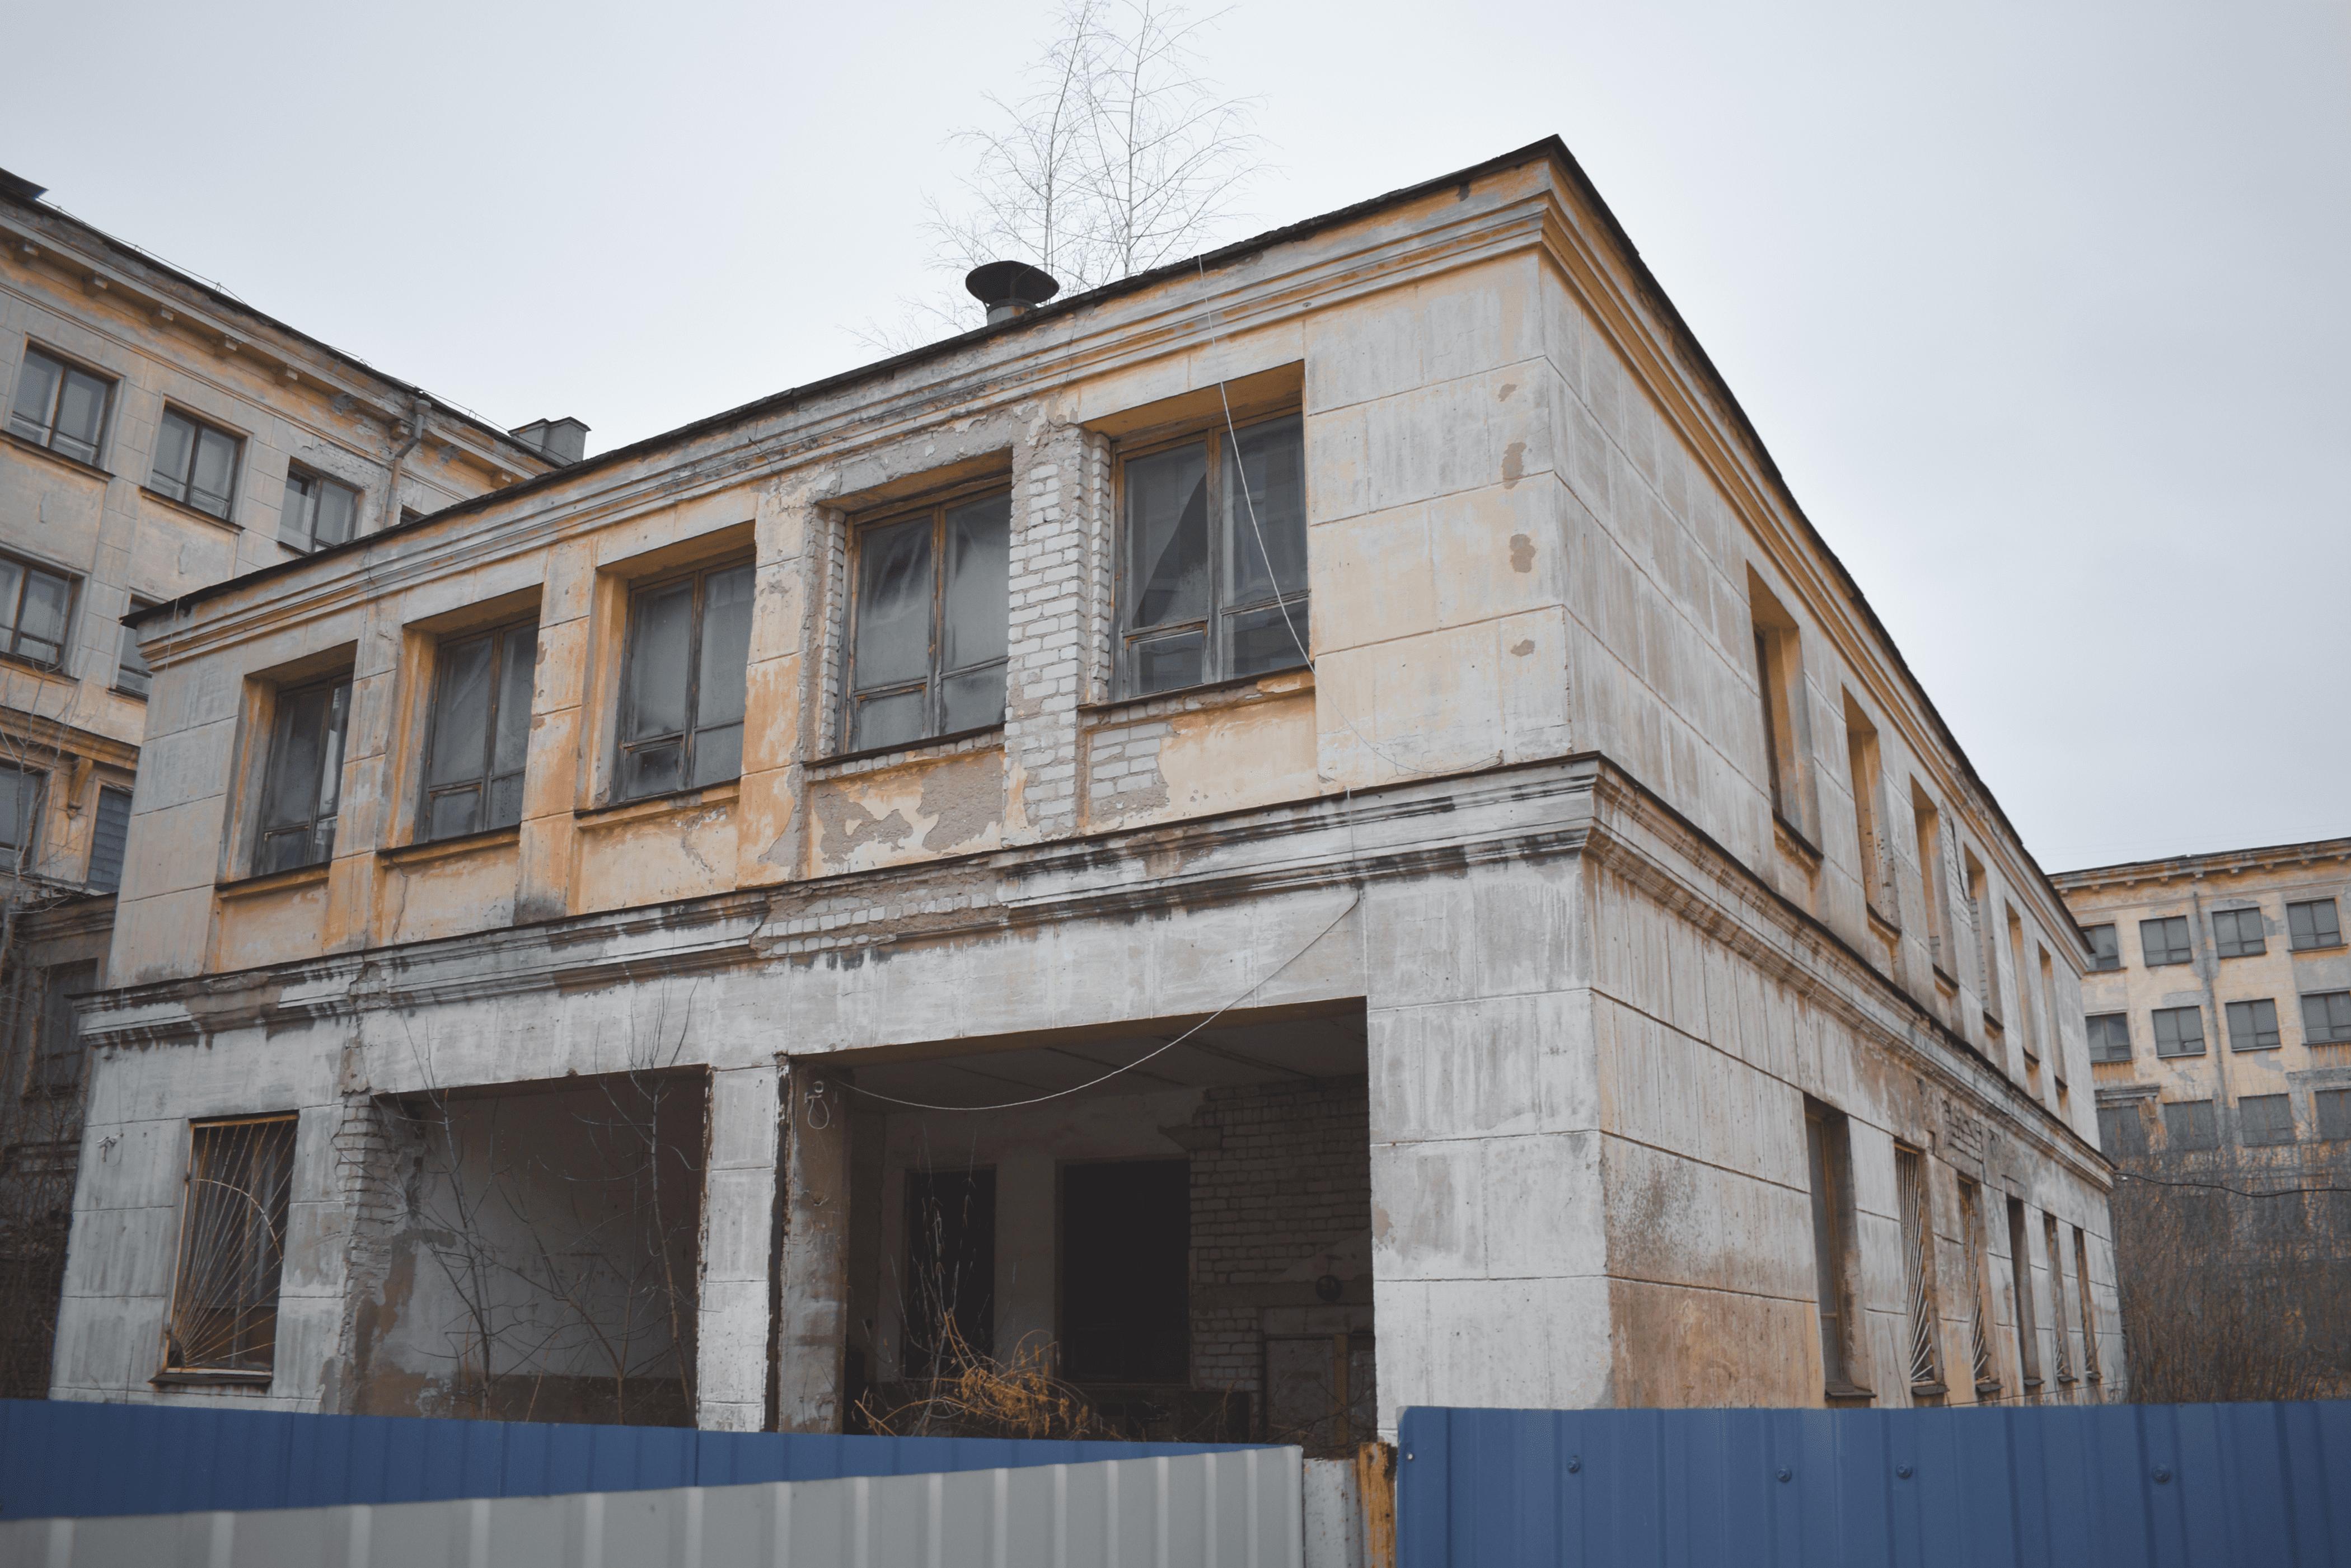 Что нужно нижегородцам и туристам в здании на месте гостиницы «Россия» - фото 3